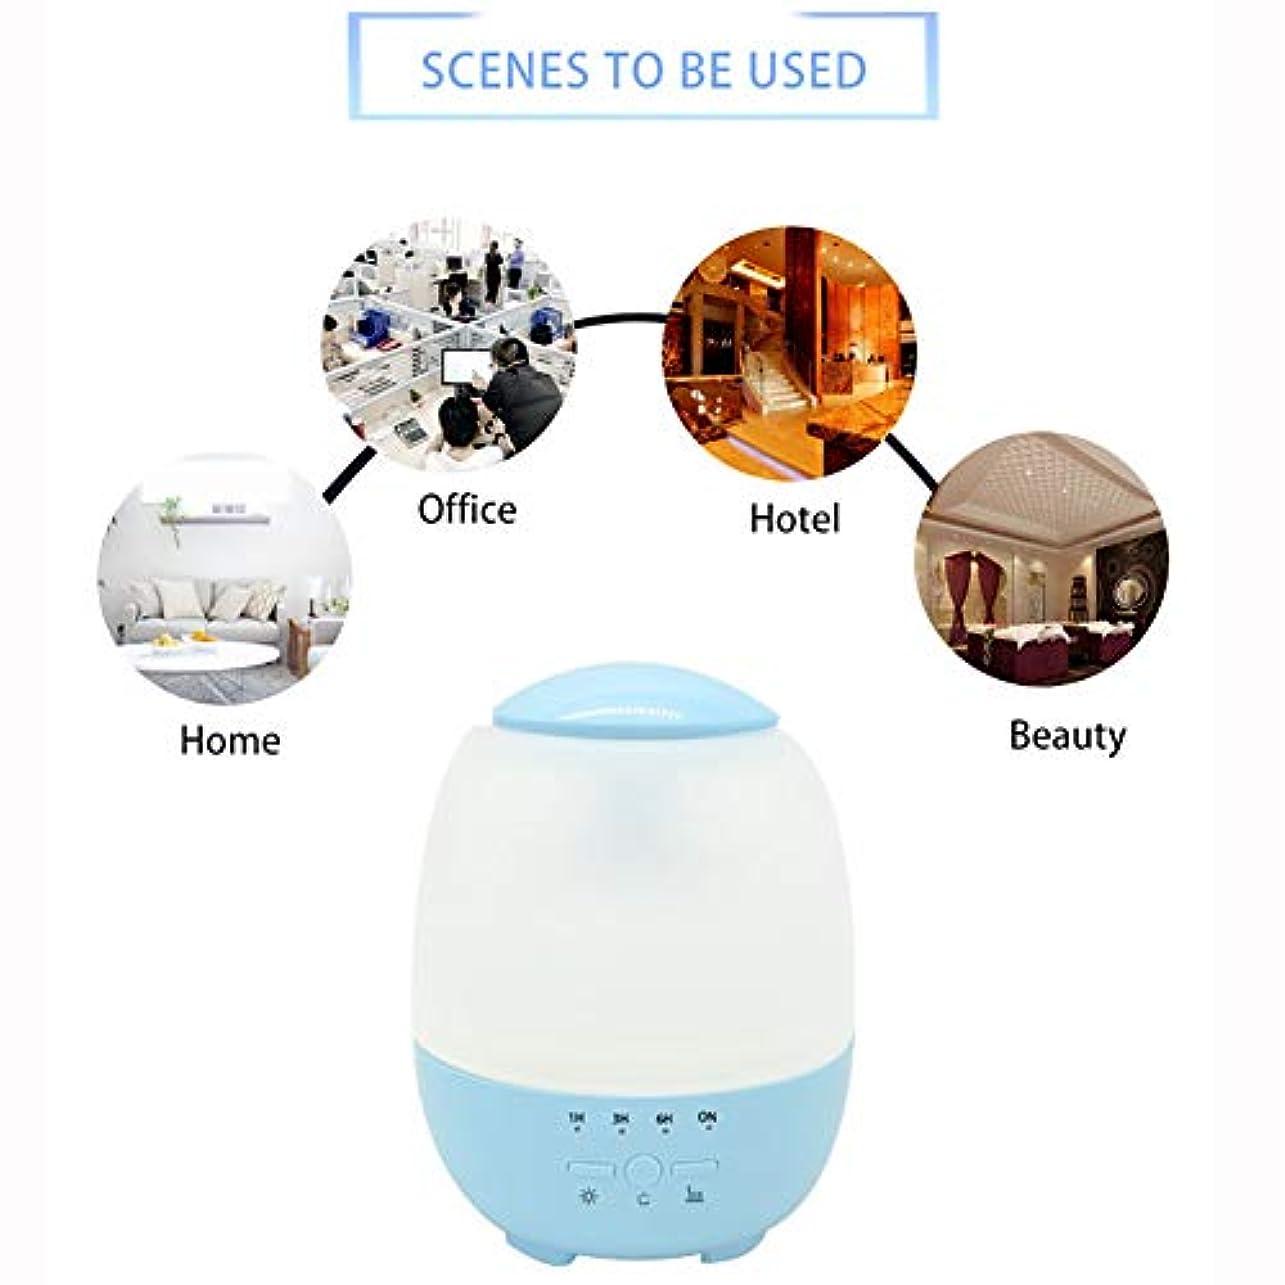 勃起アカデミー感情エッセンシャルオイルディフューザーと加湿器、ミストエッセンシャルオイルアロマ加湿器用の超音波アロマディフューザー、7色LEDライト,Blue